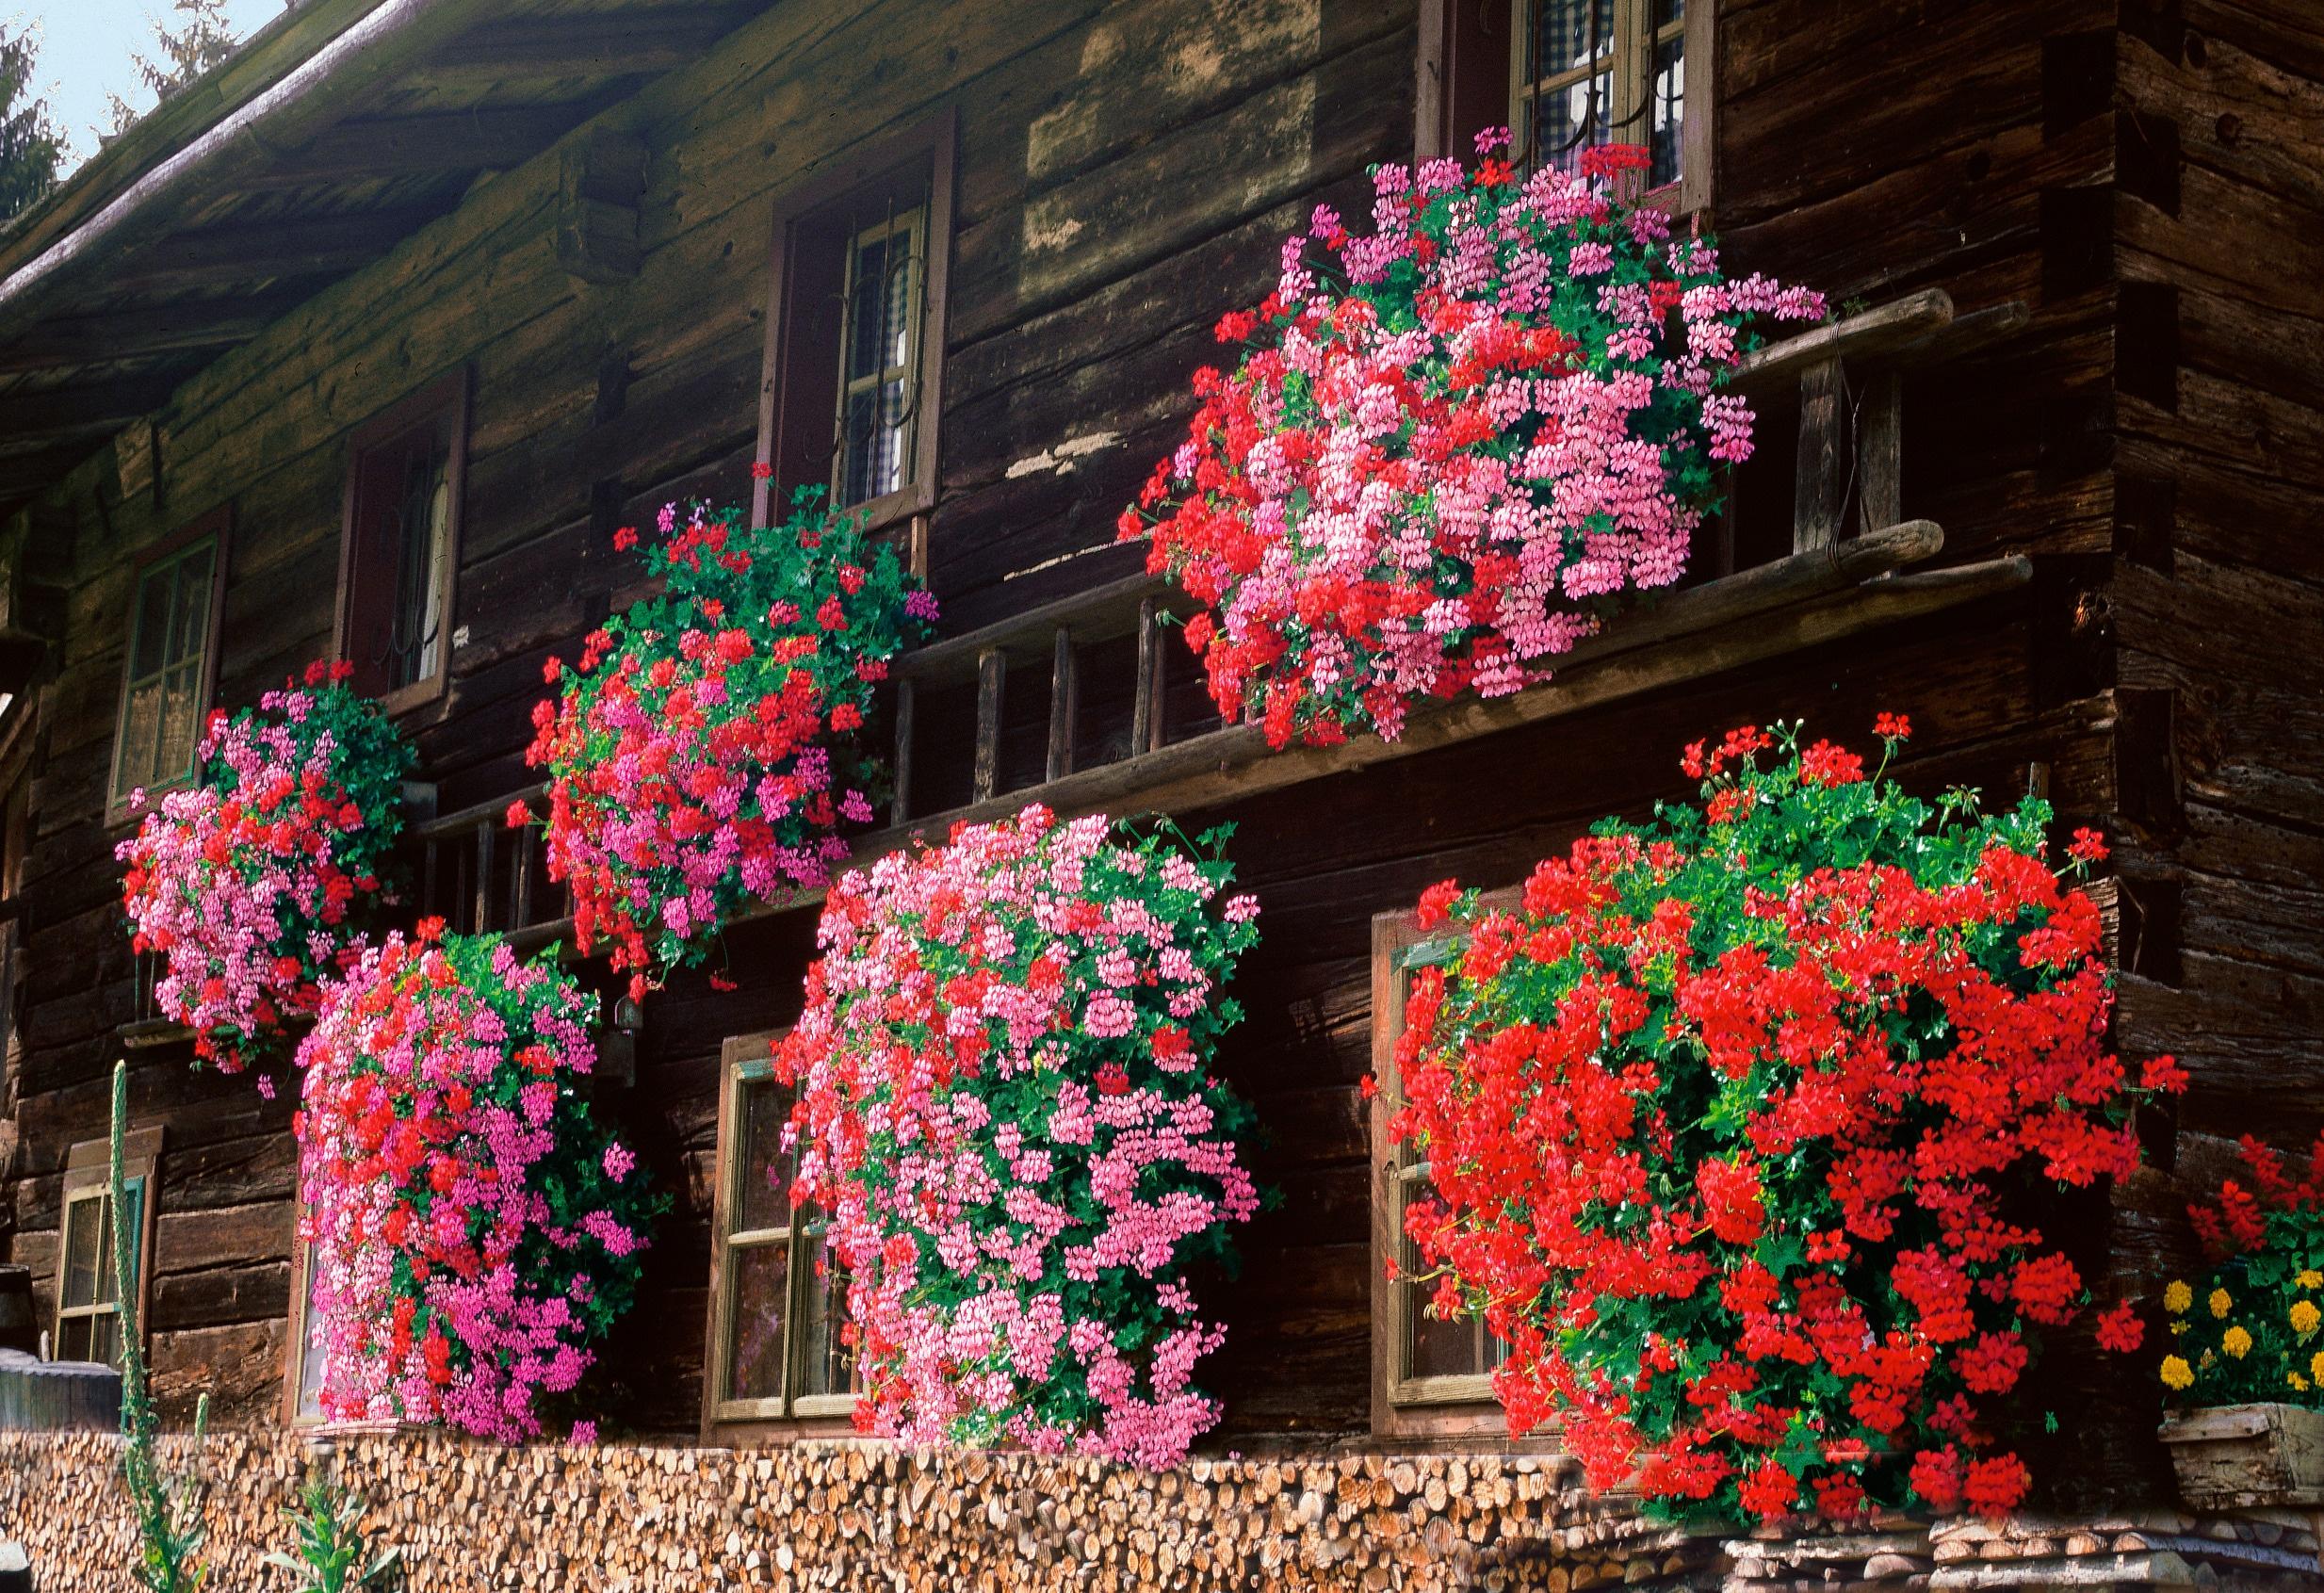 BCM Balkonpflanze Geranie hängend rot Balkonpflanzen Pflanzen Garten Balkon